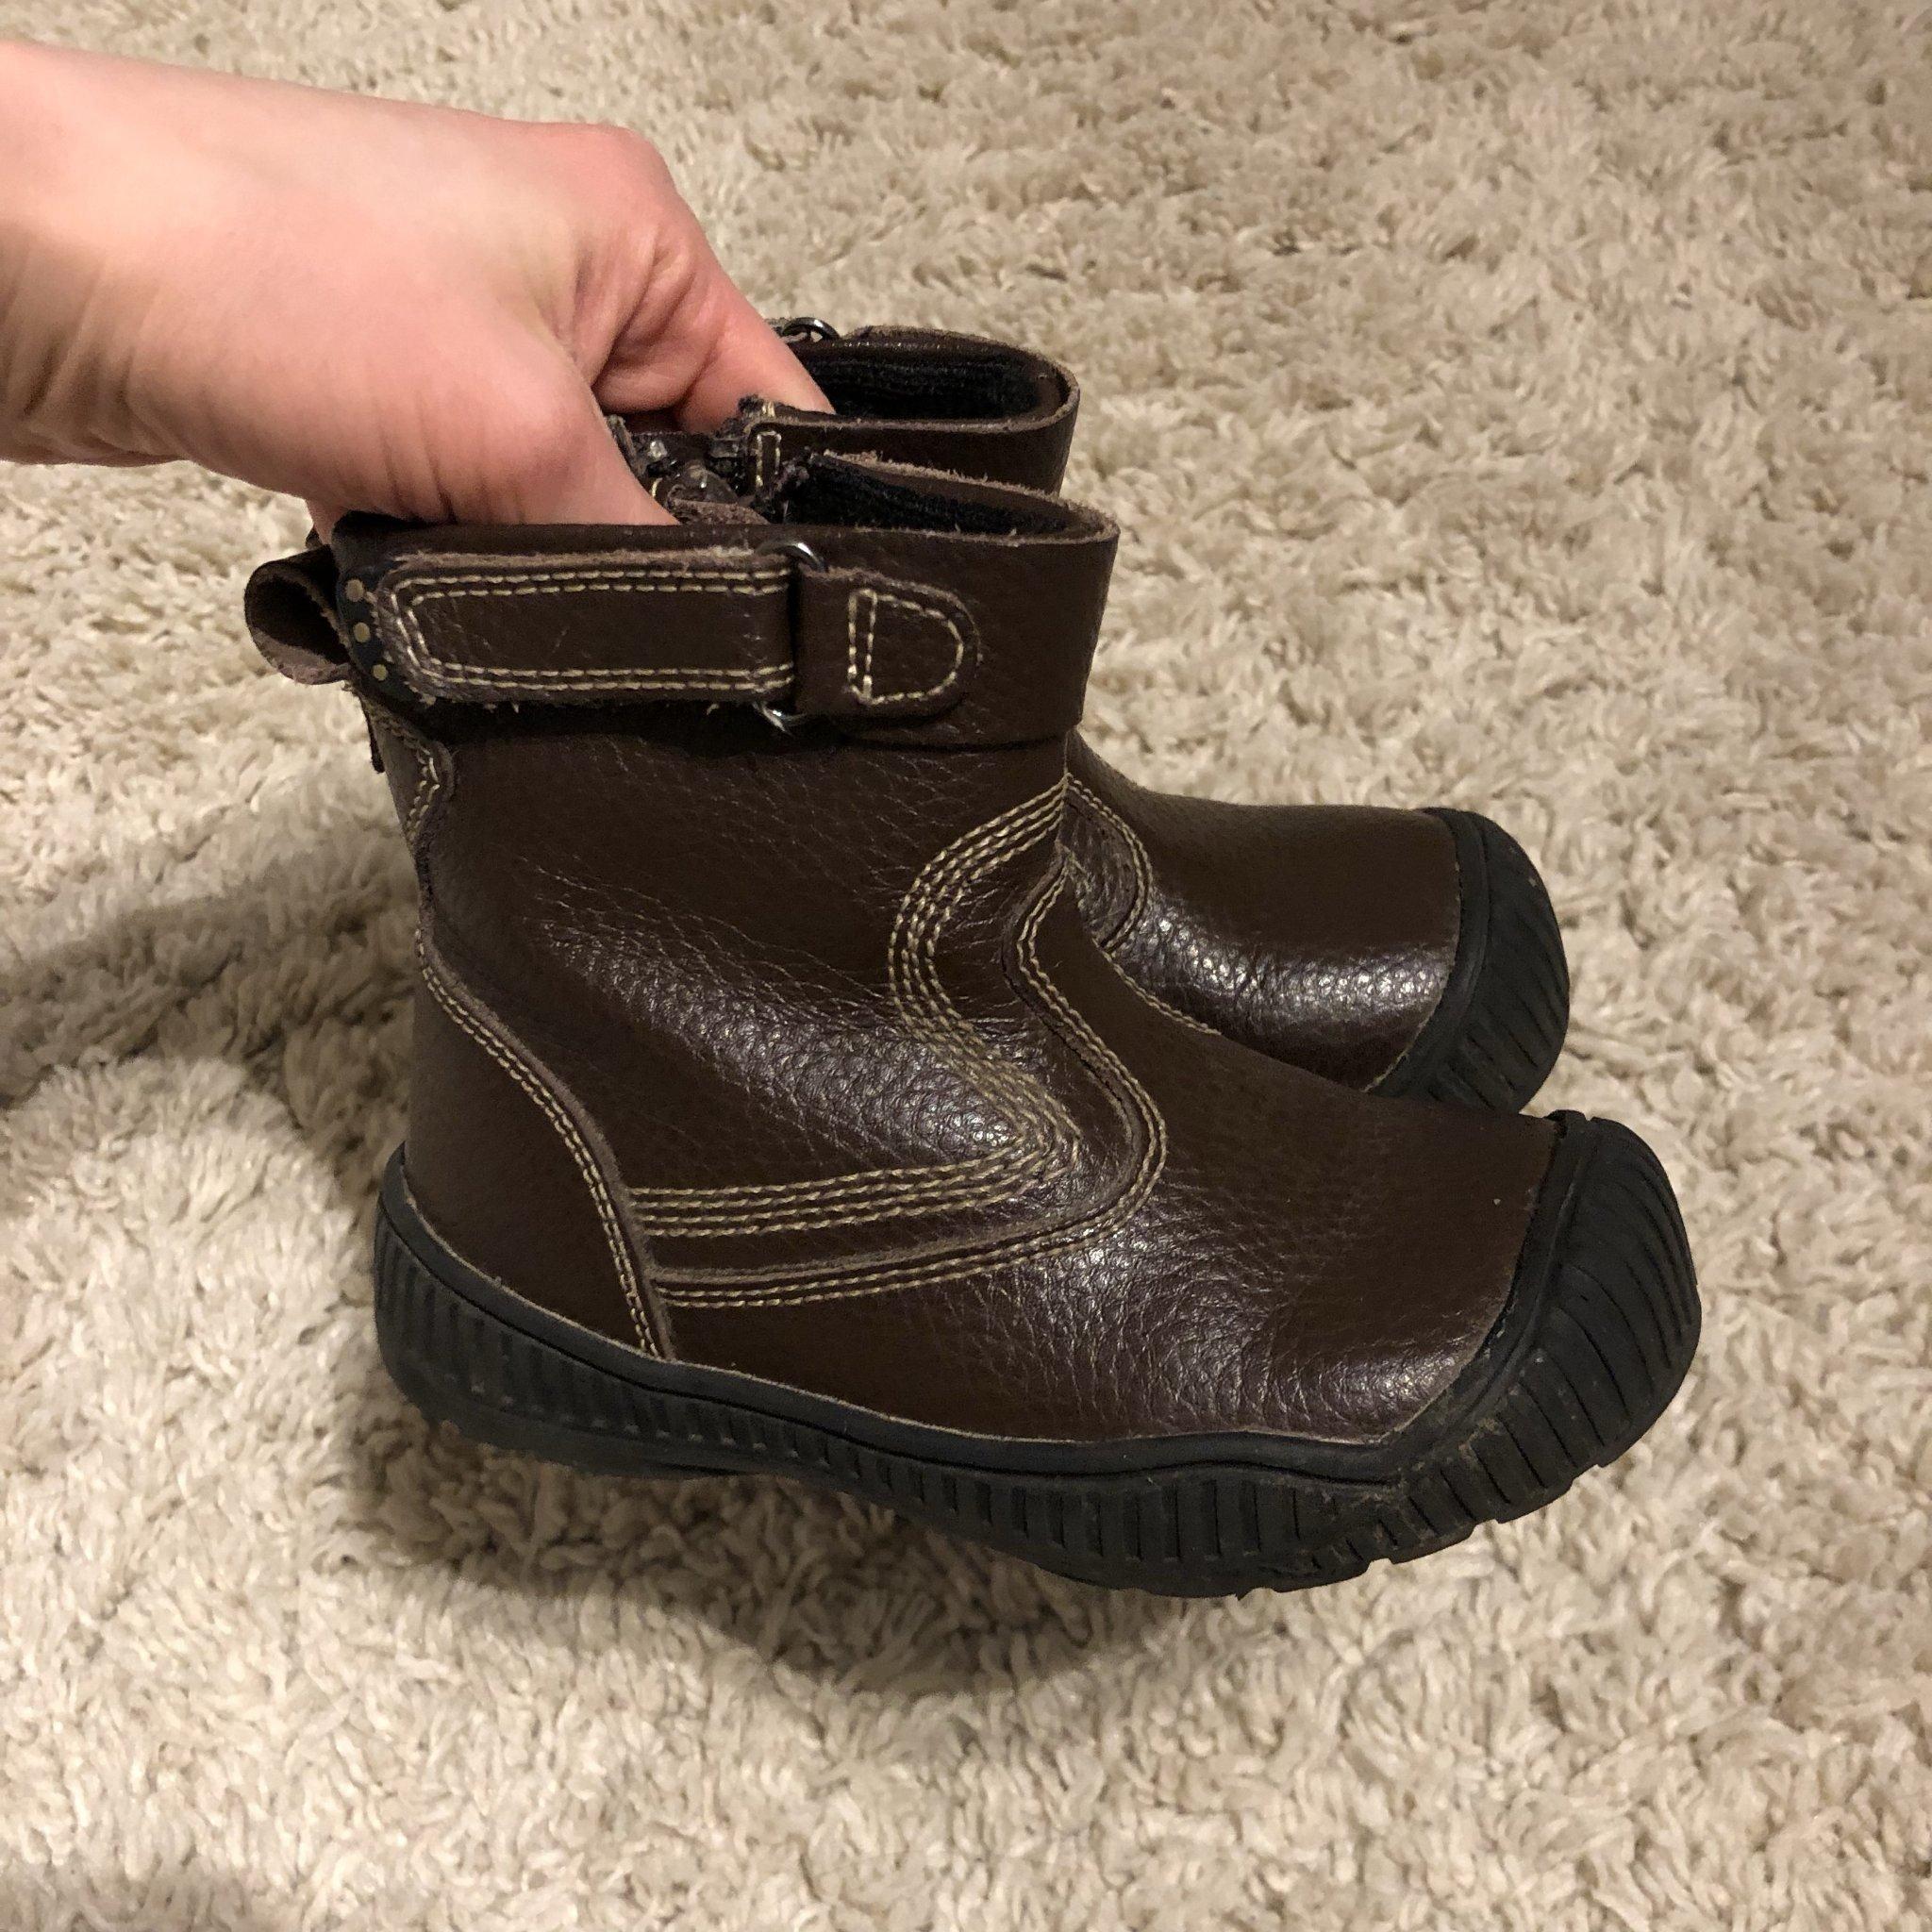 Vincent skor, storlek 26 äkta läder (352203278) ᐈ Köp på